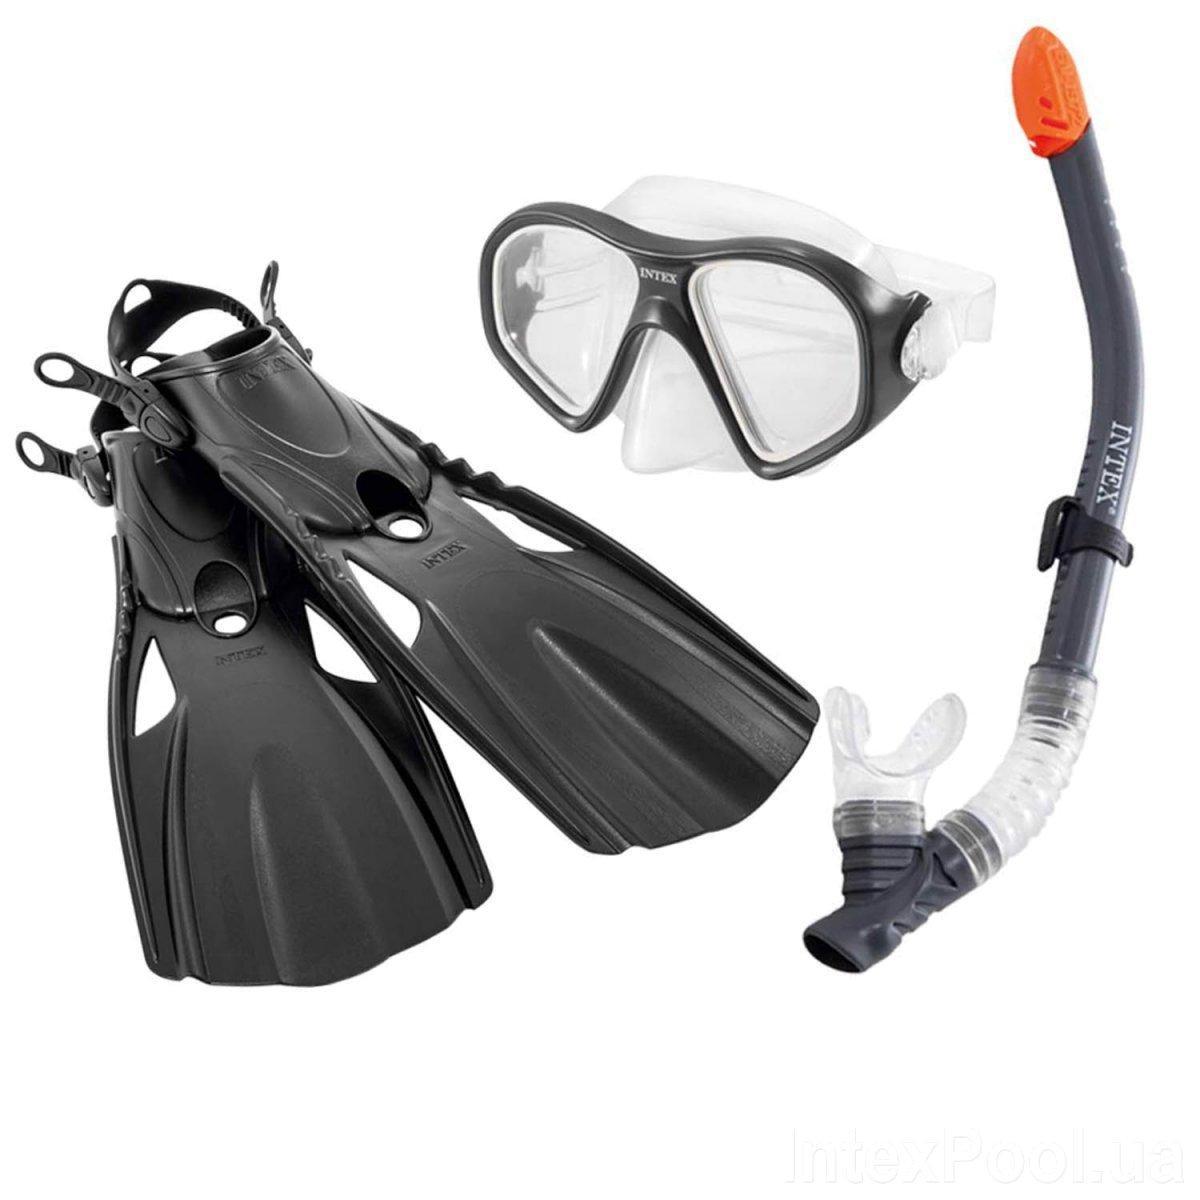 Набір для плавання дайвінгу Intex 55657 маска, трубка, ласти Вікова група: 14+